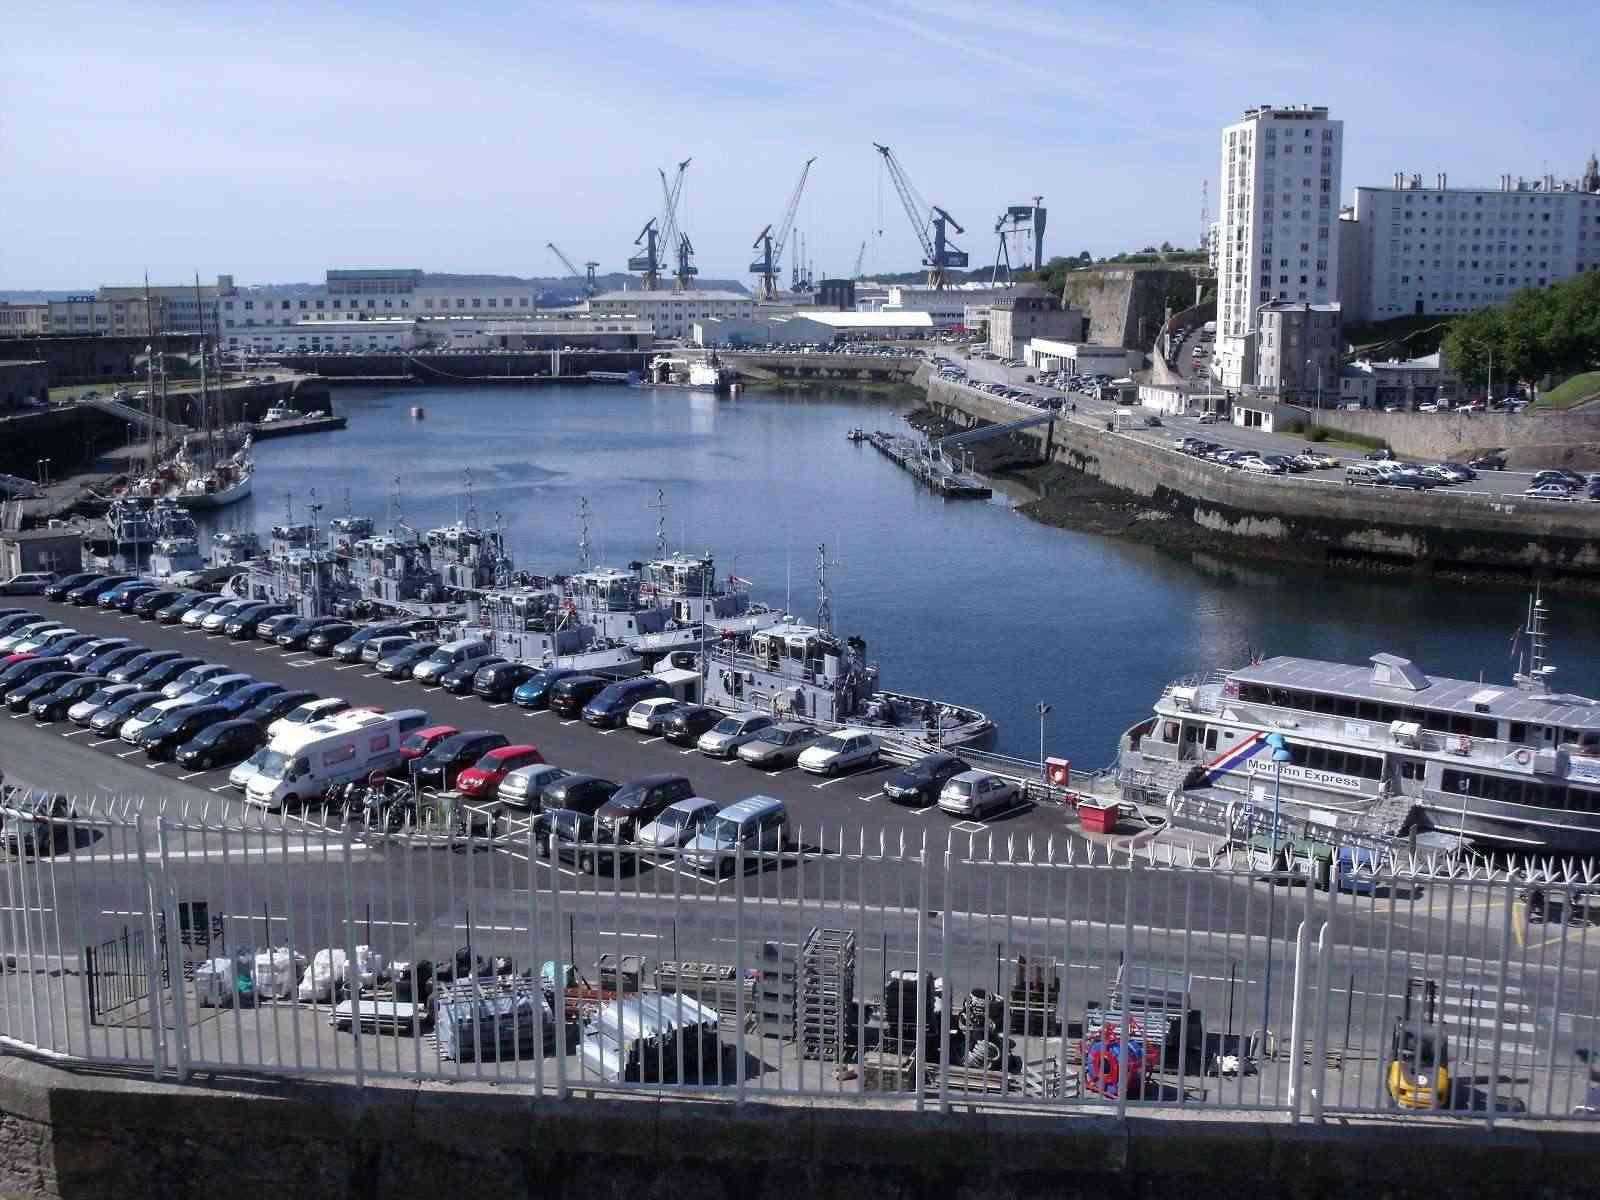 [Vie des ports] BREST Ports et rade - Volume 001 - Page 6 Aout_026